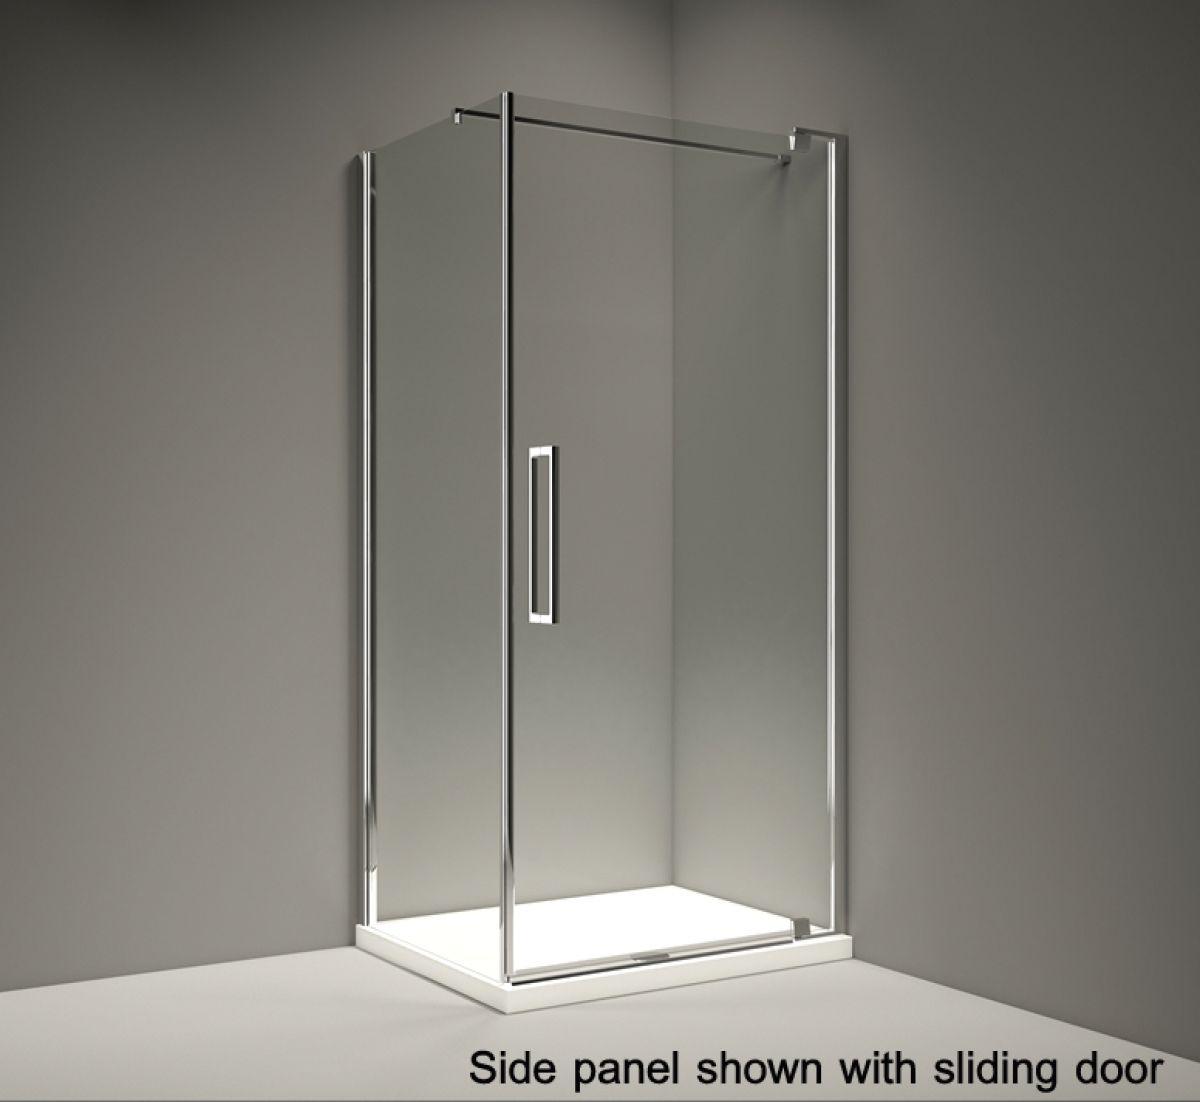 Merlyn Series 10 Pivot Shower Door Side Panel : UK Bathrooms